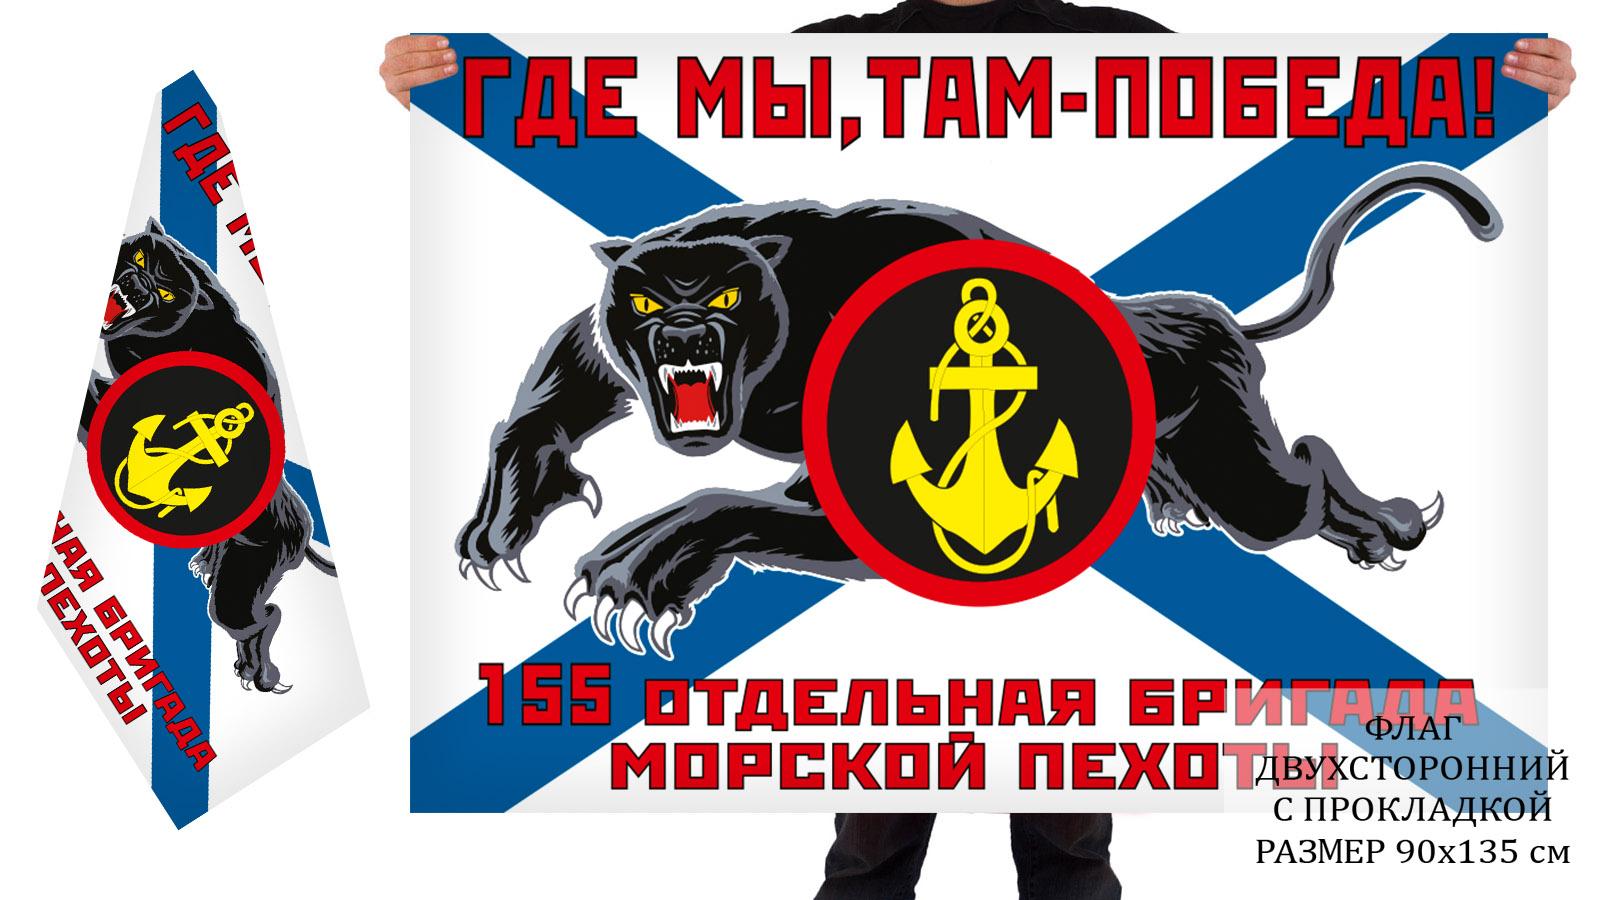 Двусторонний флаг 155 отдельной бригады морской пехоты с пантерой